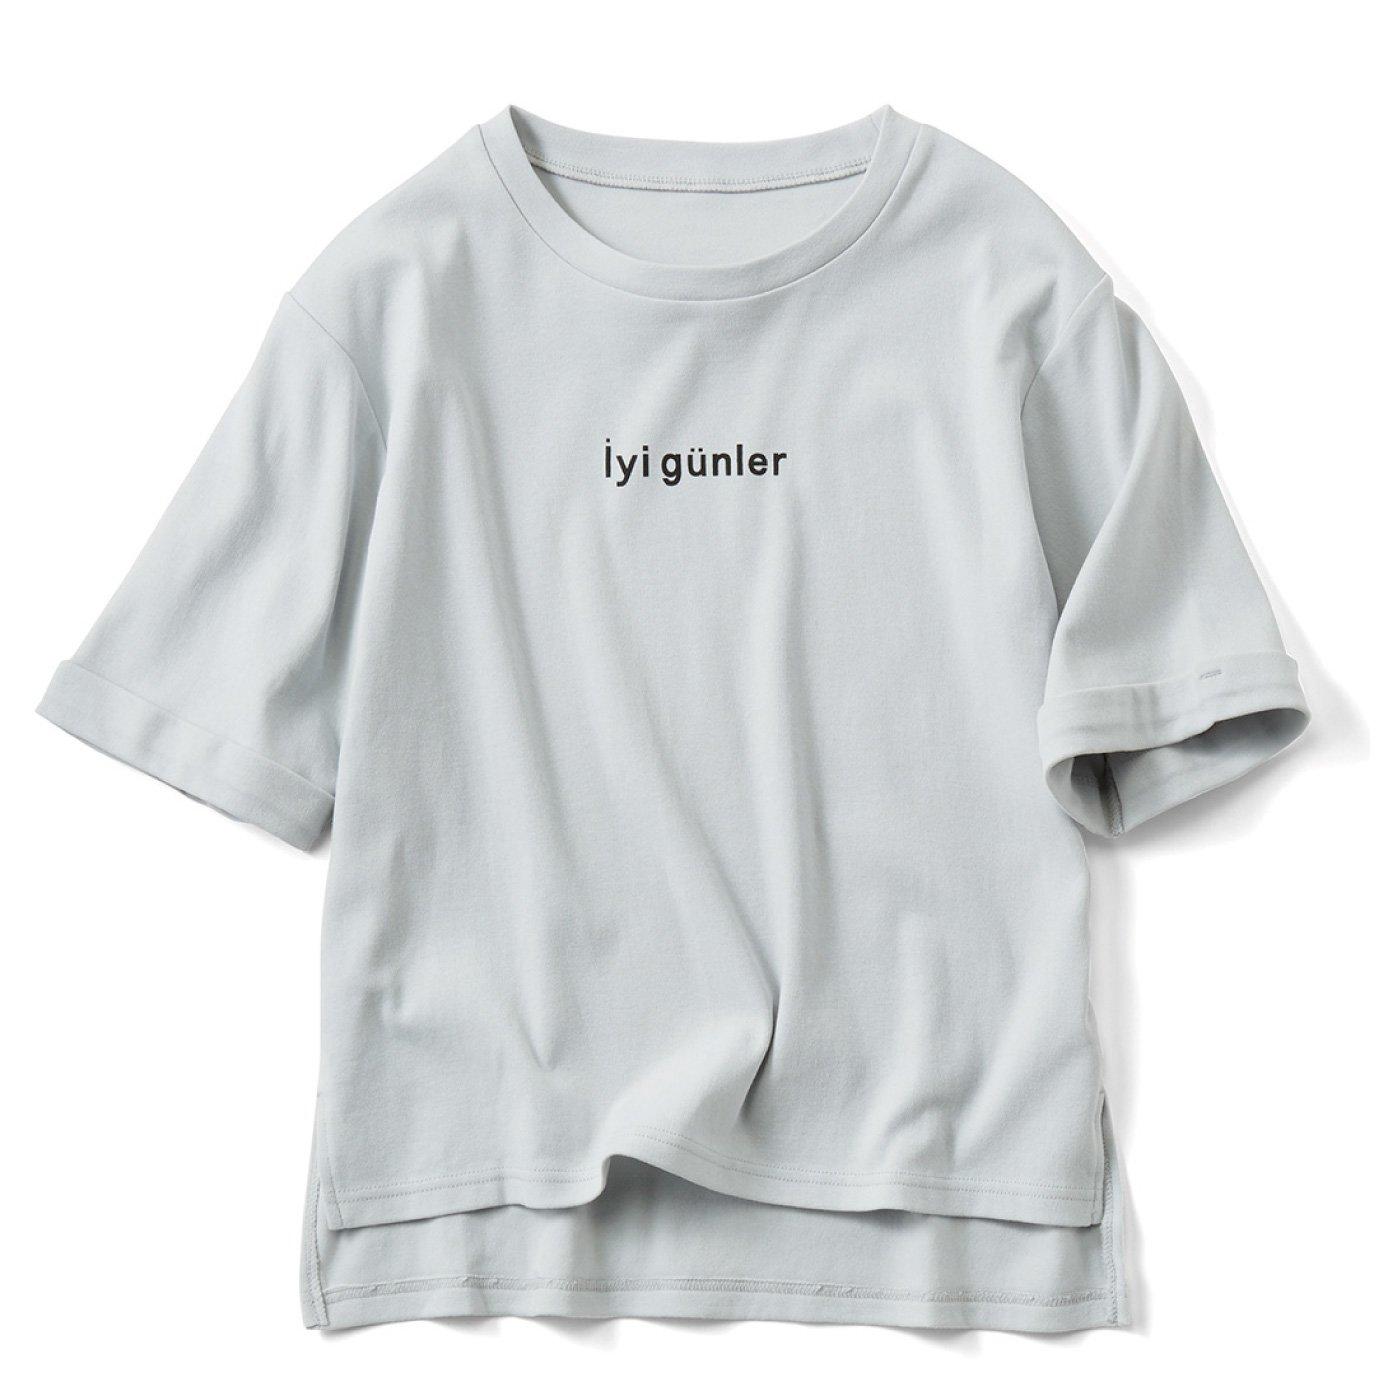 リブ イン コンフォート さらっとした手ざわりがやみつきの五分袖コットンロゴTシャツ〈ライトグレー〉